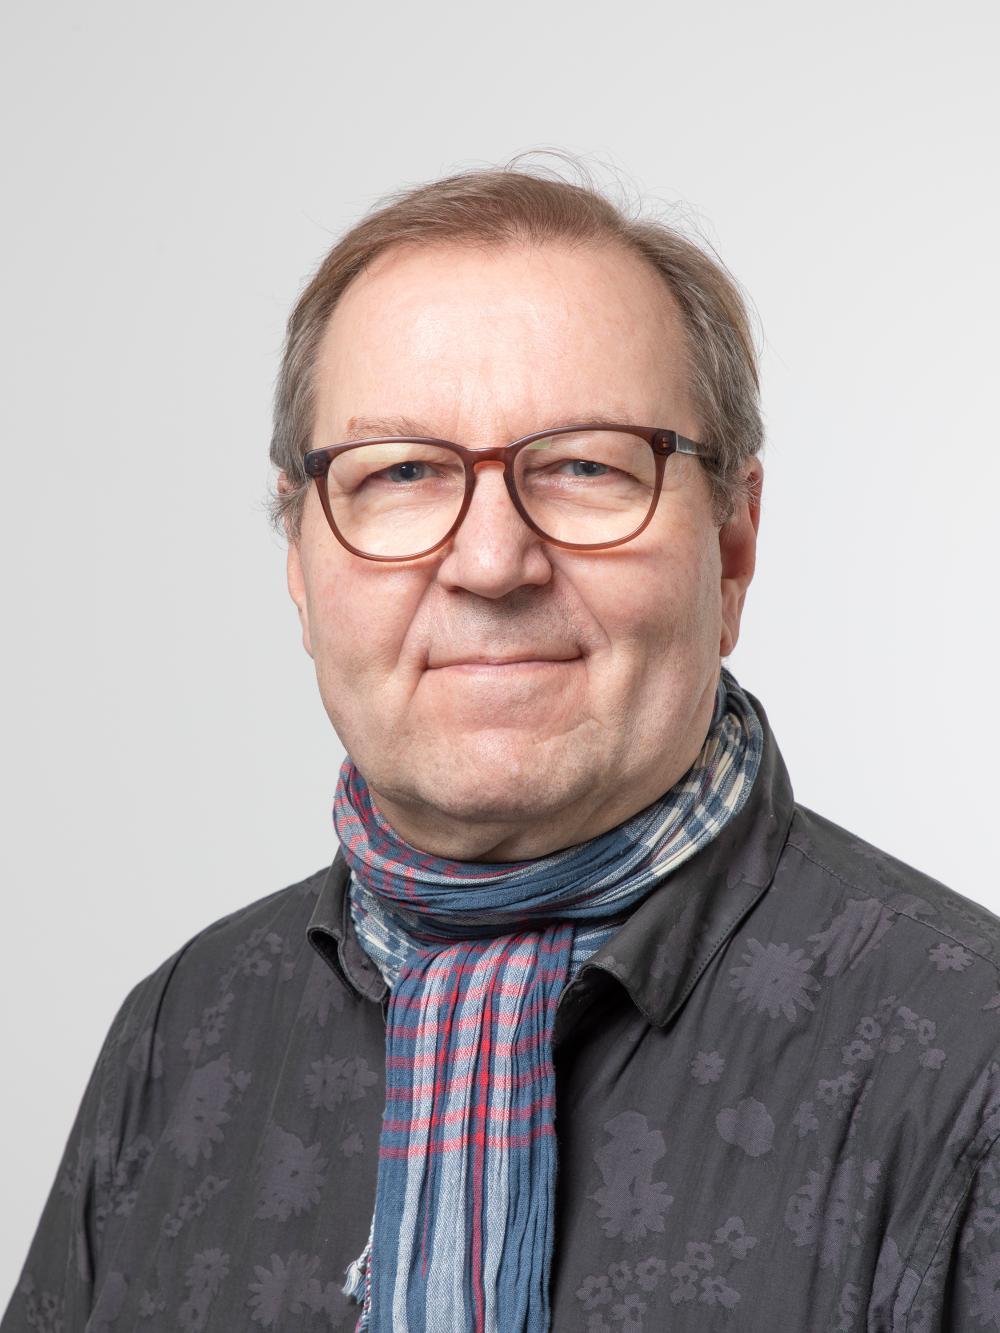 Jukka Toivainen